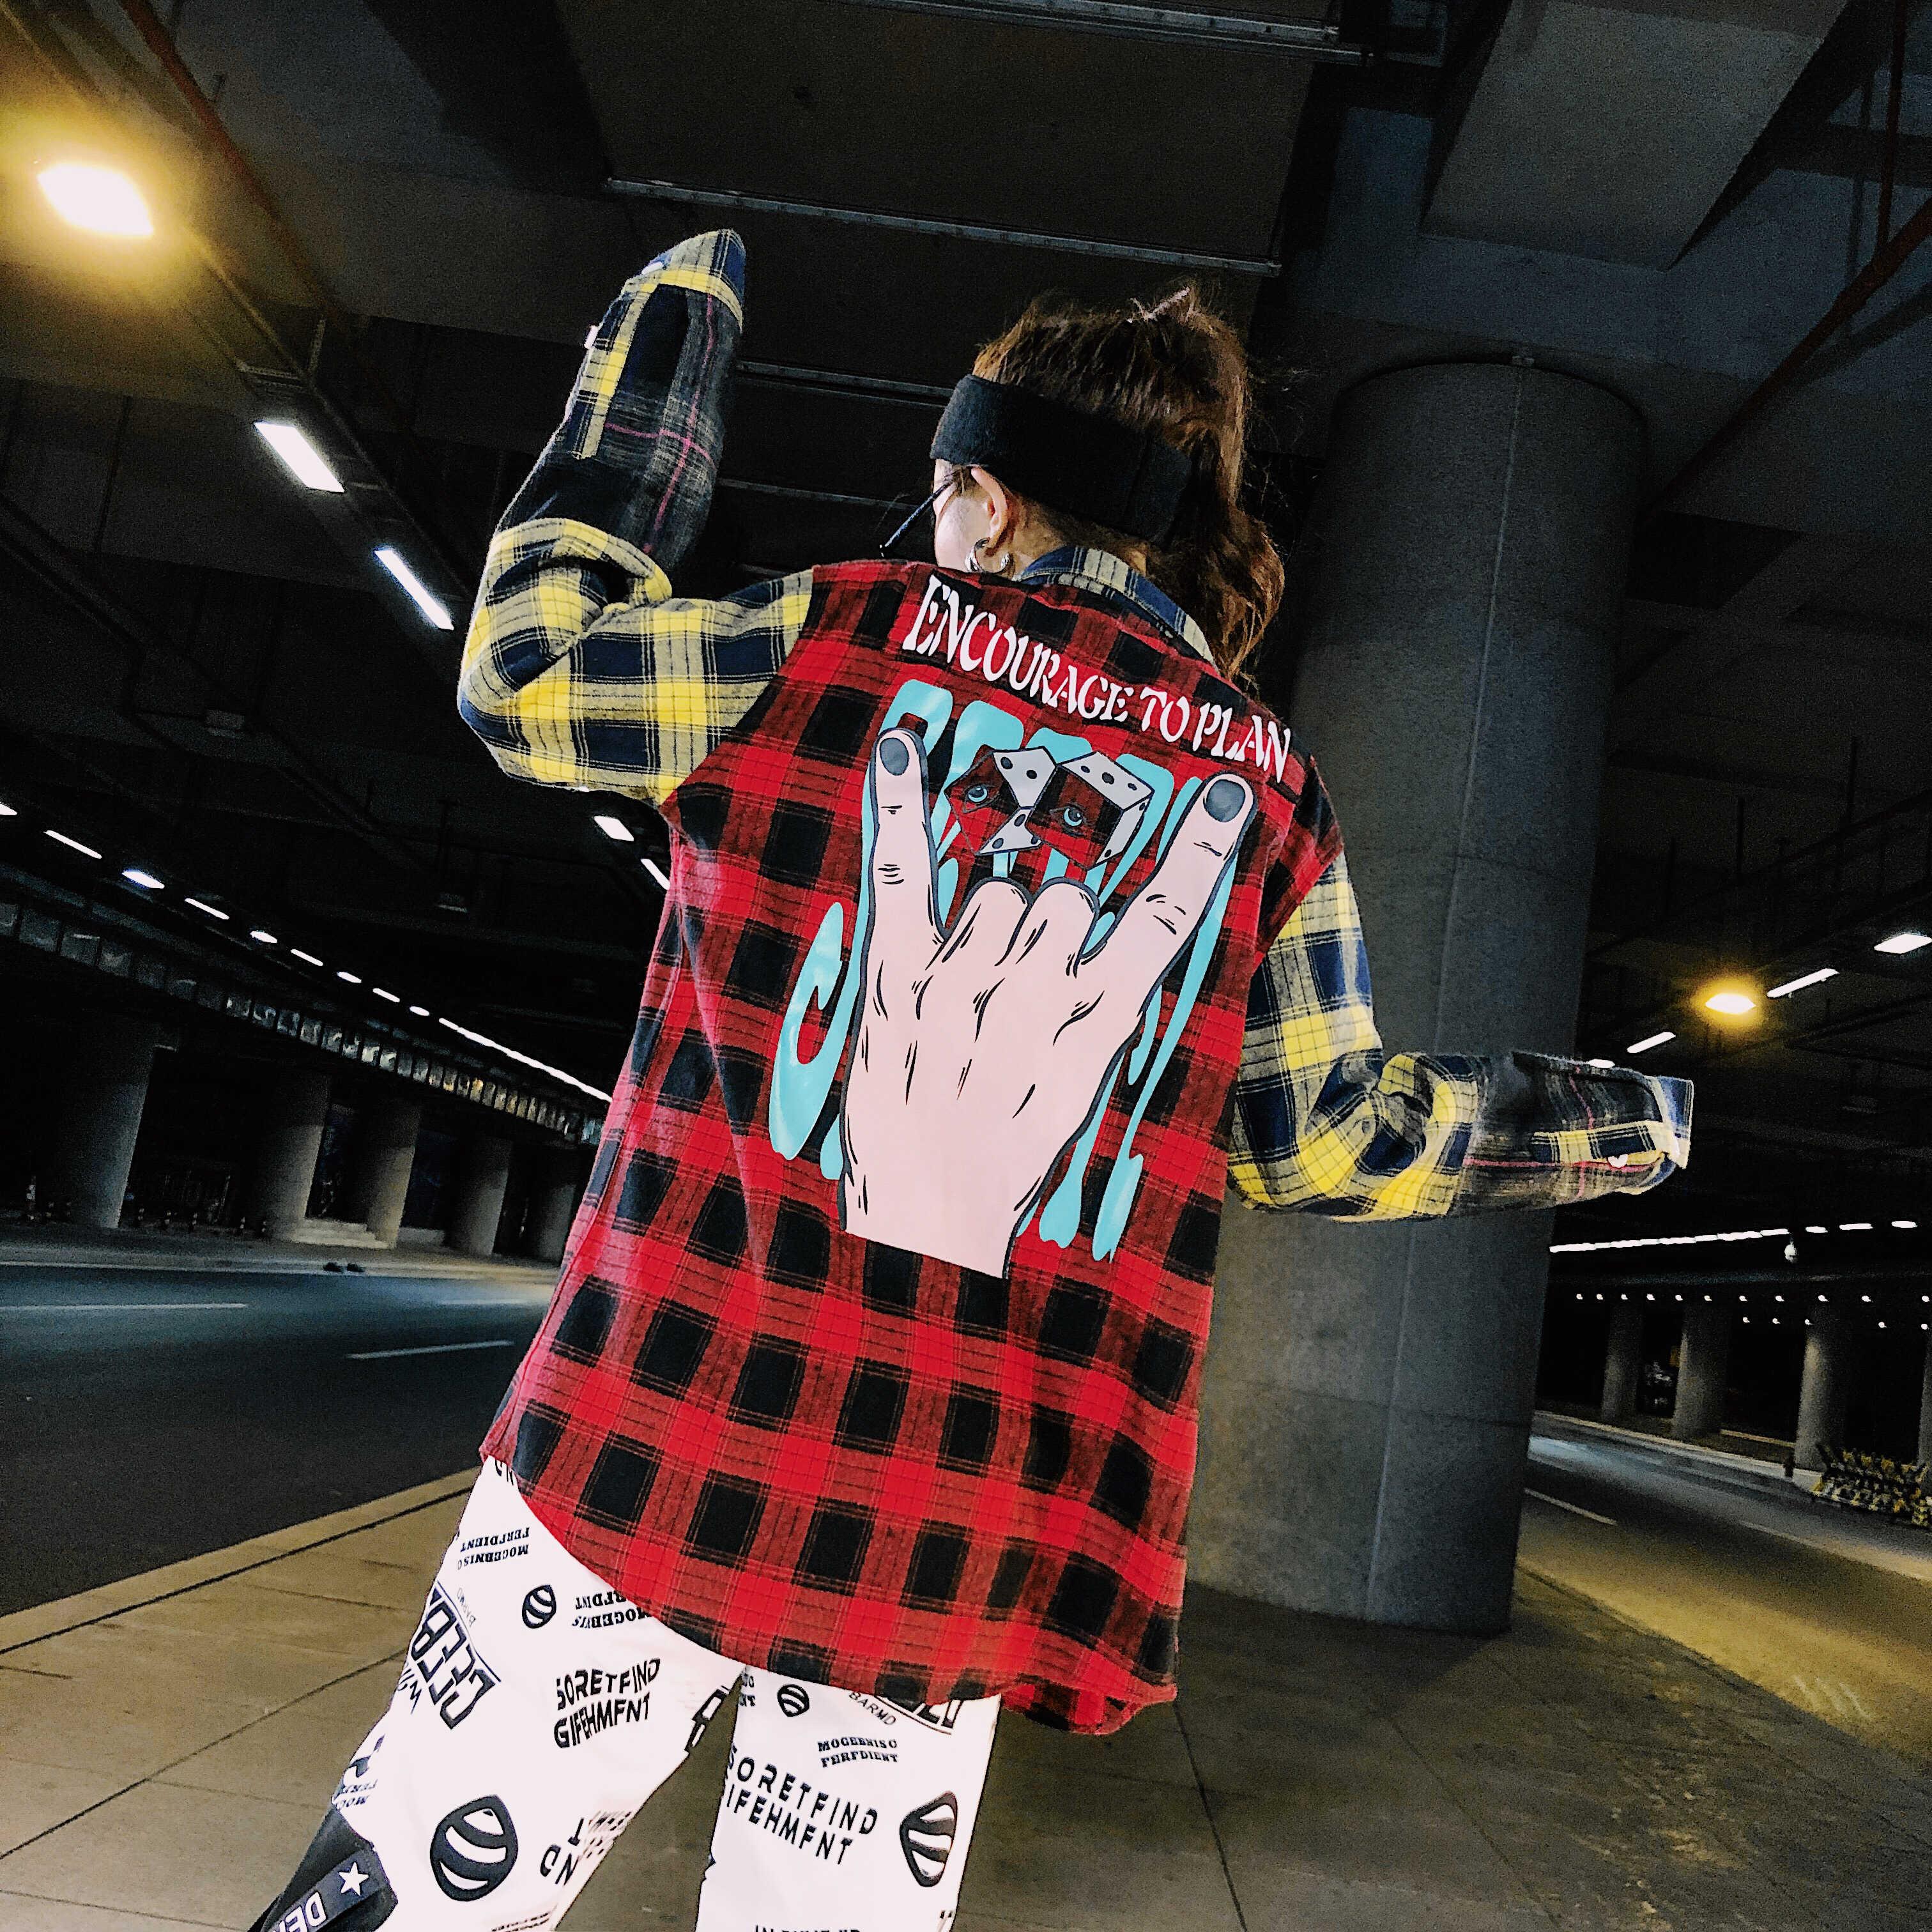 ファッションプラスサイズのチェック柄シャツ女性の原宿バックおかしいプリント長袖コットンシャツ Kpop ヒップホップの女性ストリート